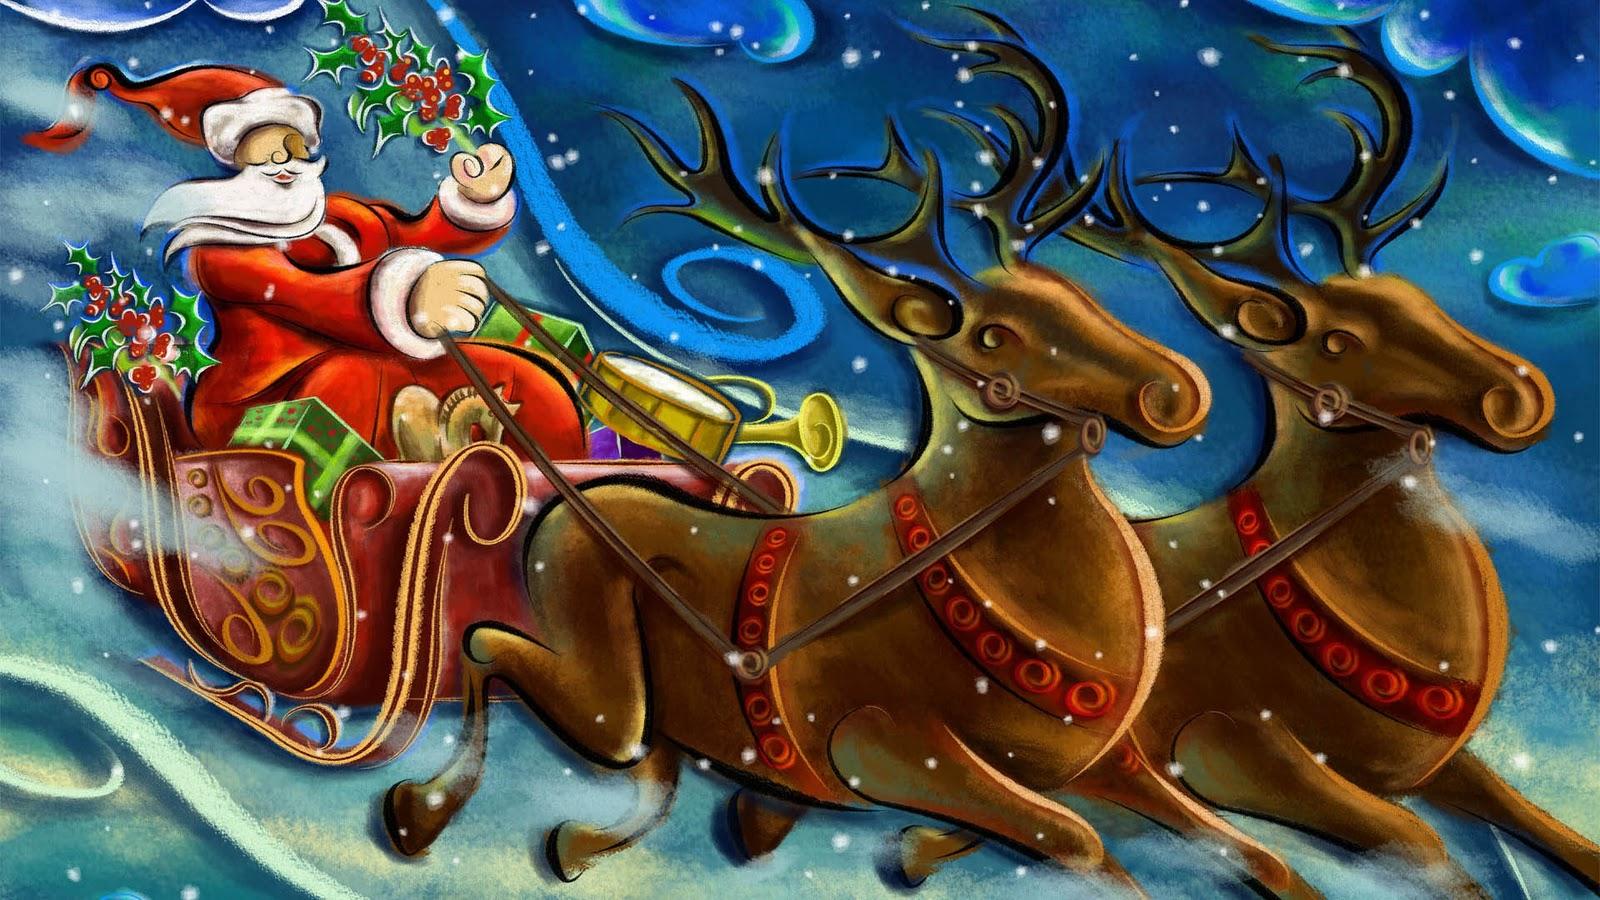 http://2.bp.blogspot.com/-KtaRNfNxevw/Tq_S36wiGTI/AAAAAAAAP2I/k7Gl5uoAZck/s1600/Mooie-kerstman-achtergronden-leuke-kerstman-wallpapers-afbeelding-plaatje-foto-13.jpg